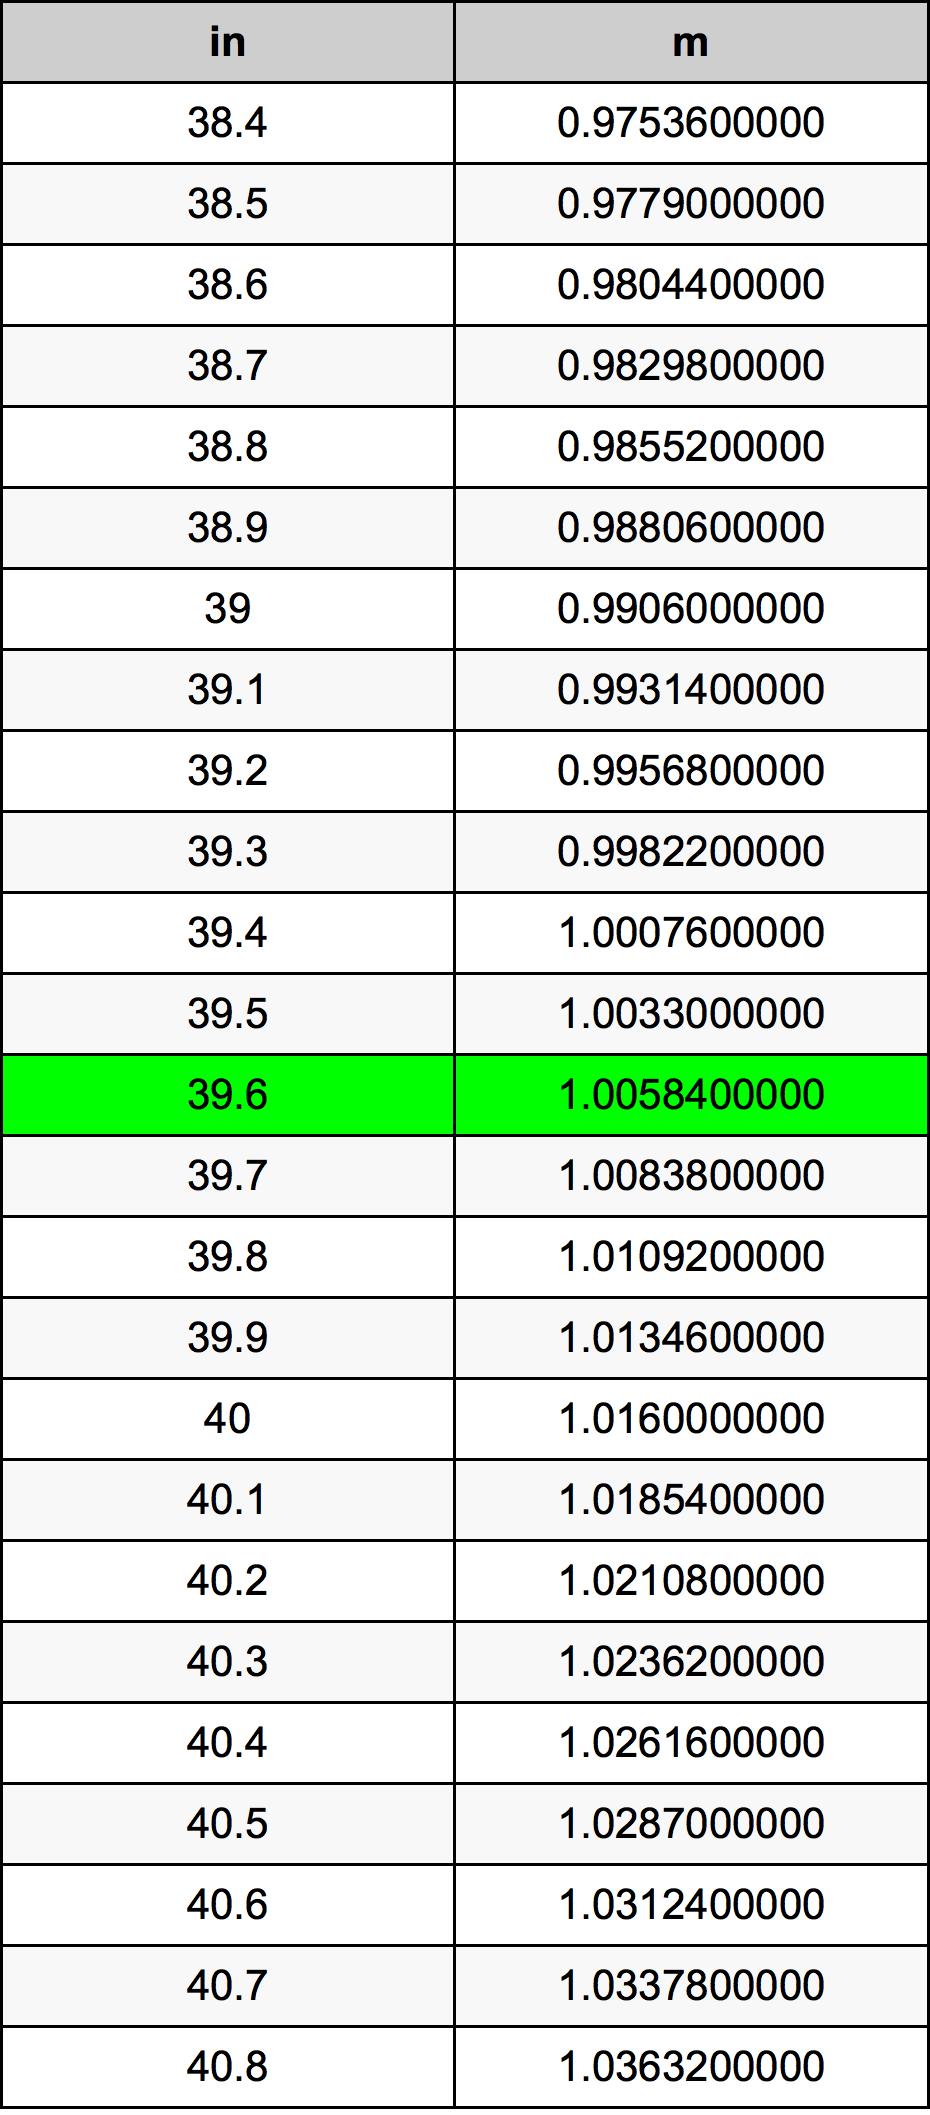 39.6 Colis konversijos lentelę